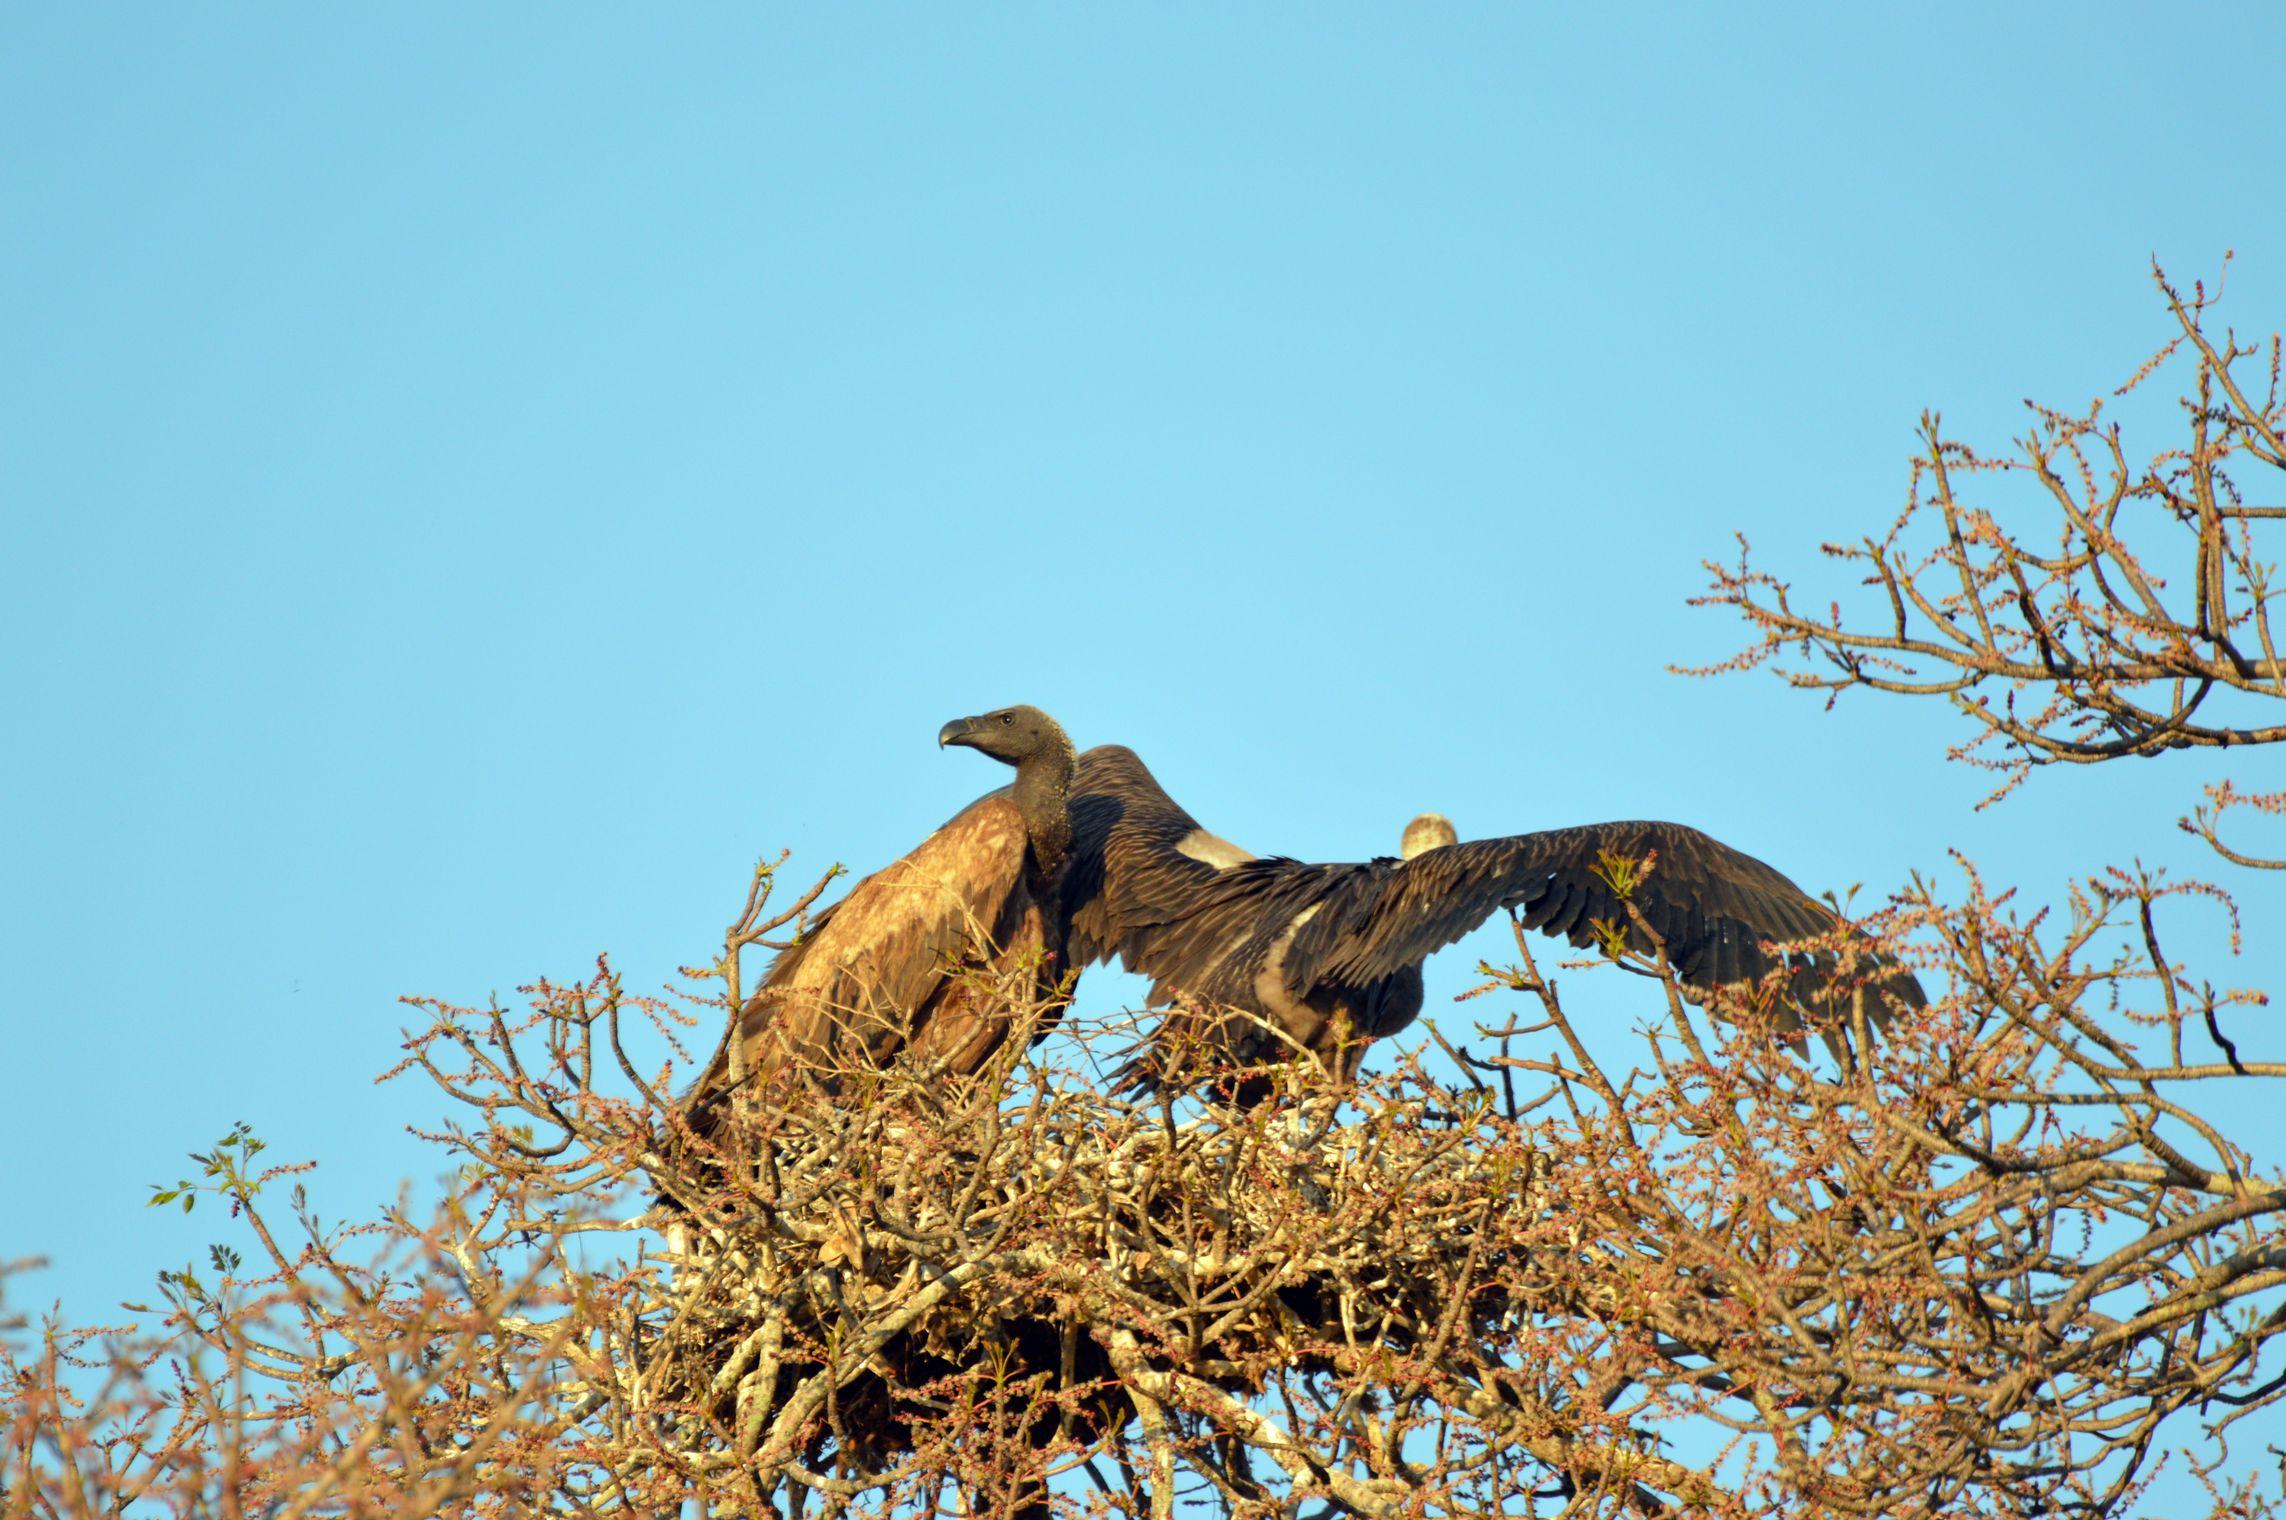 vautours kruger